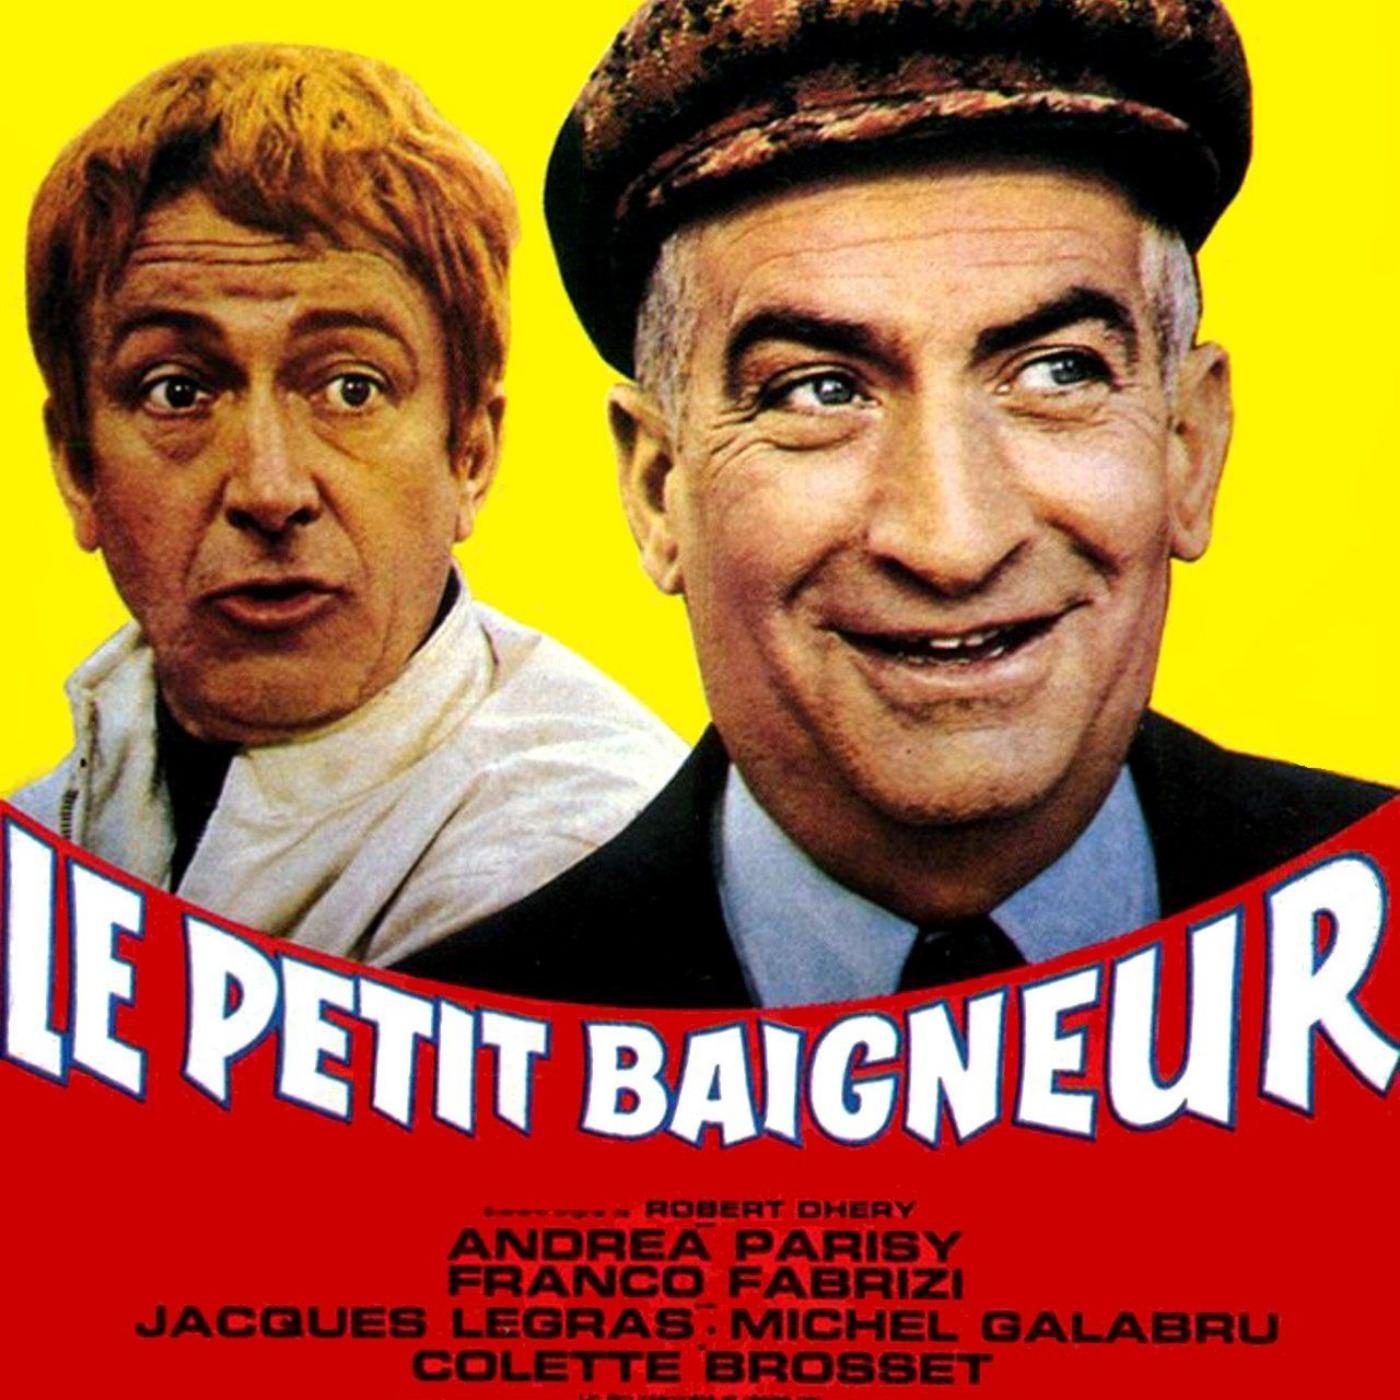 PODCAST CINEMA | CRITIQUE DU FILM LE PETIT BAIGNEUR - CinéMaRadio